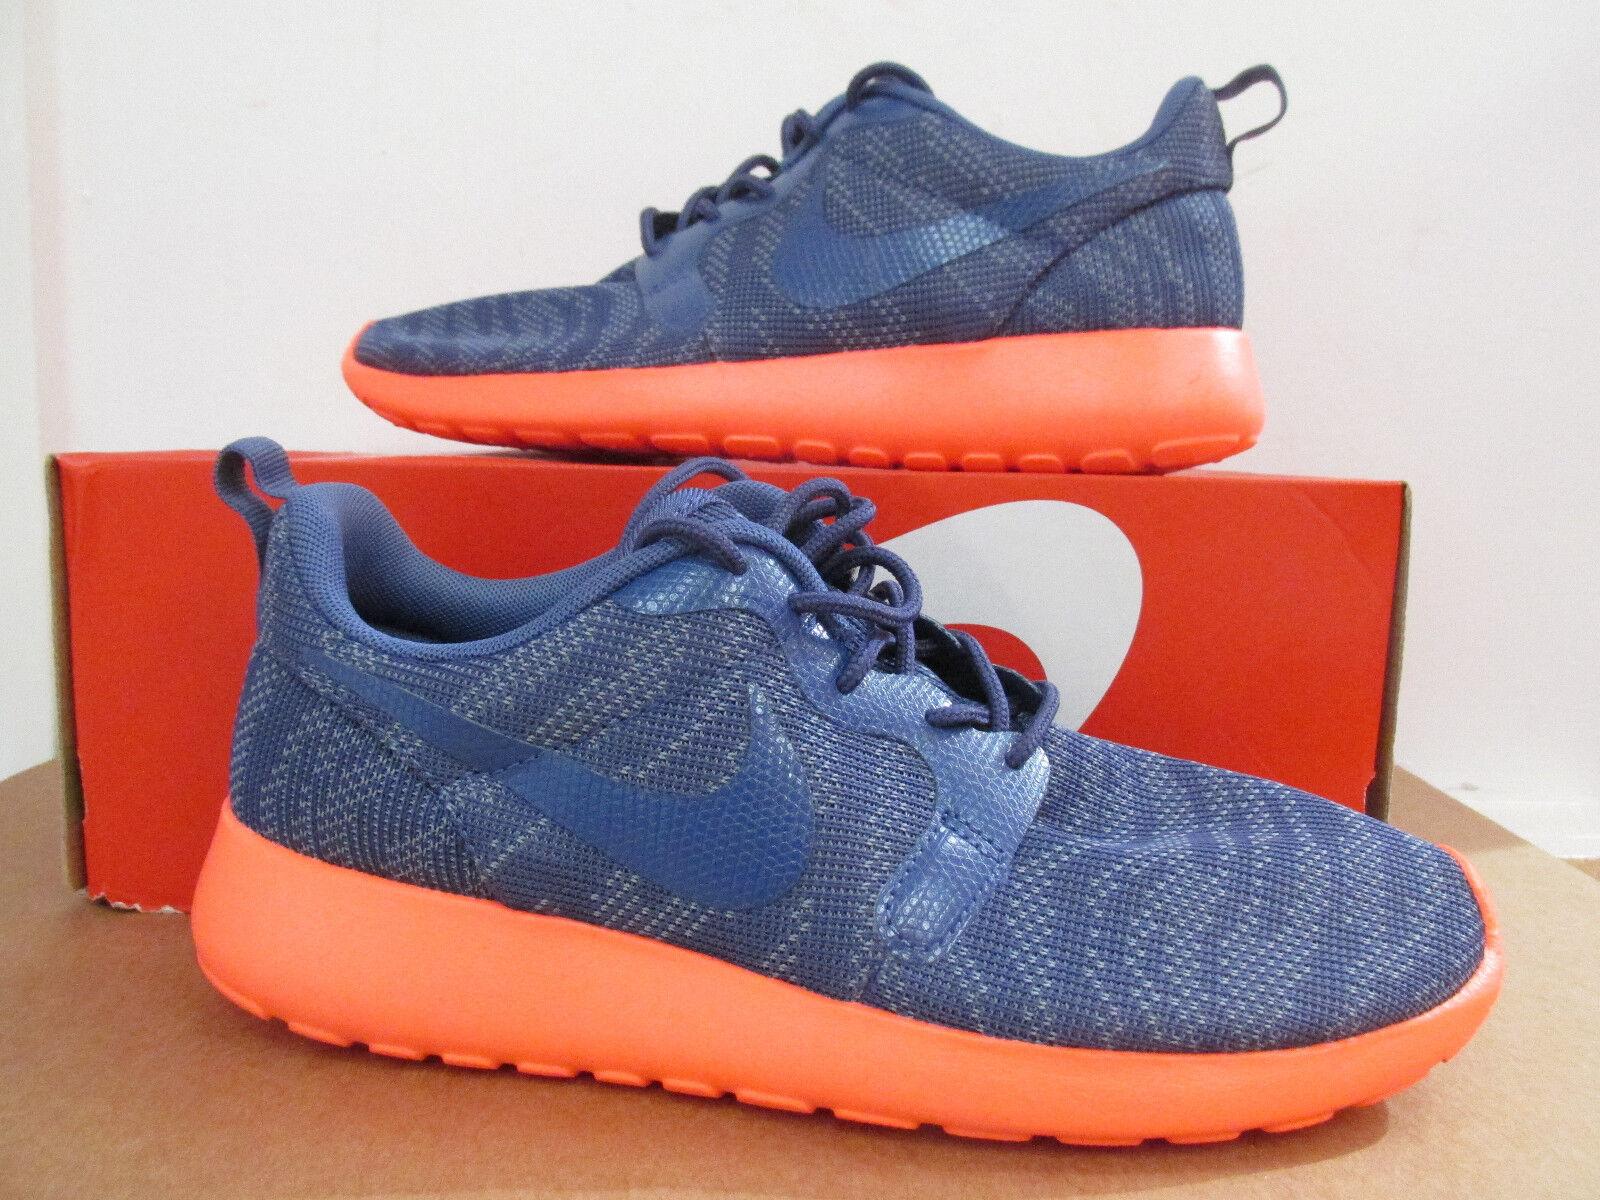 Nike di donne roshe uno kjcrd formatori 705217 400 scarpe, scarpe di autorizzazione   Alta qualità ed economico    Uomo/Donne Scarpa